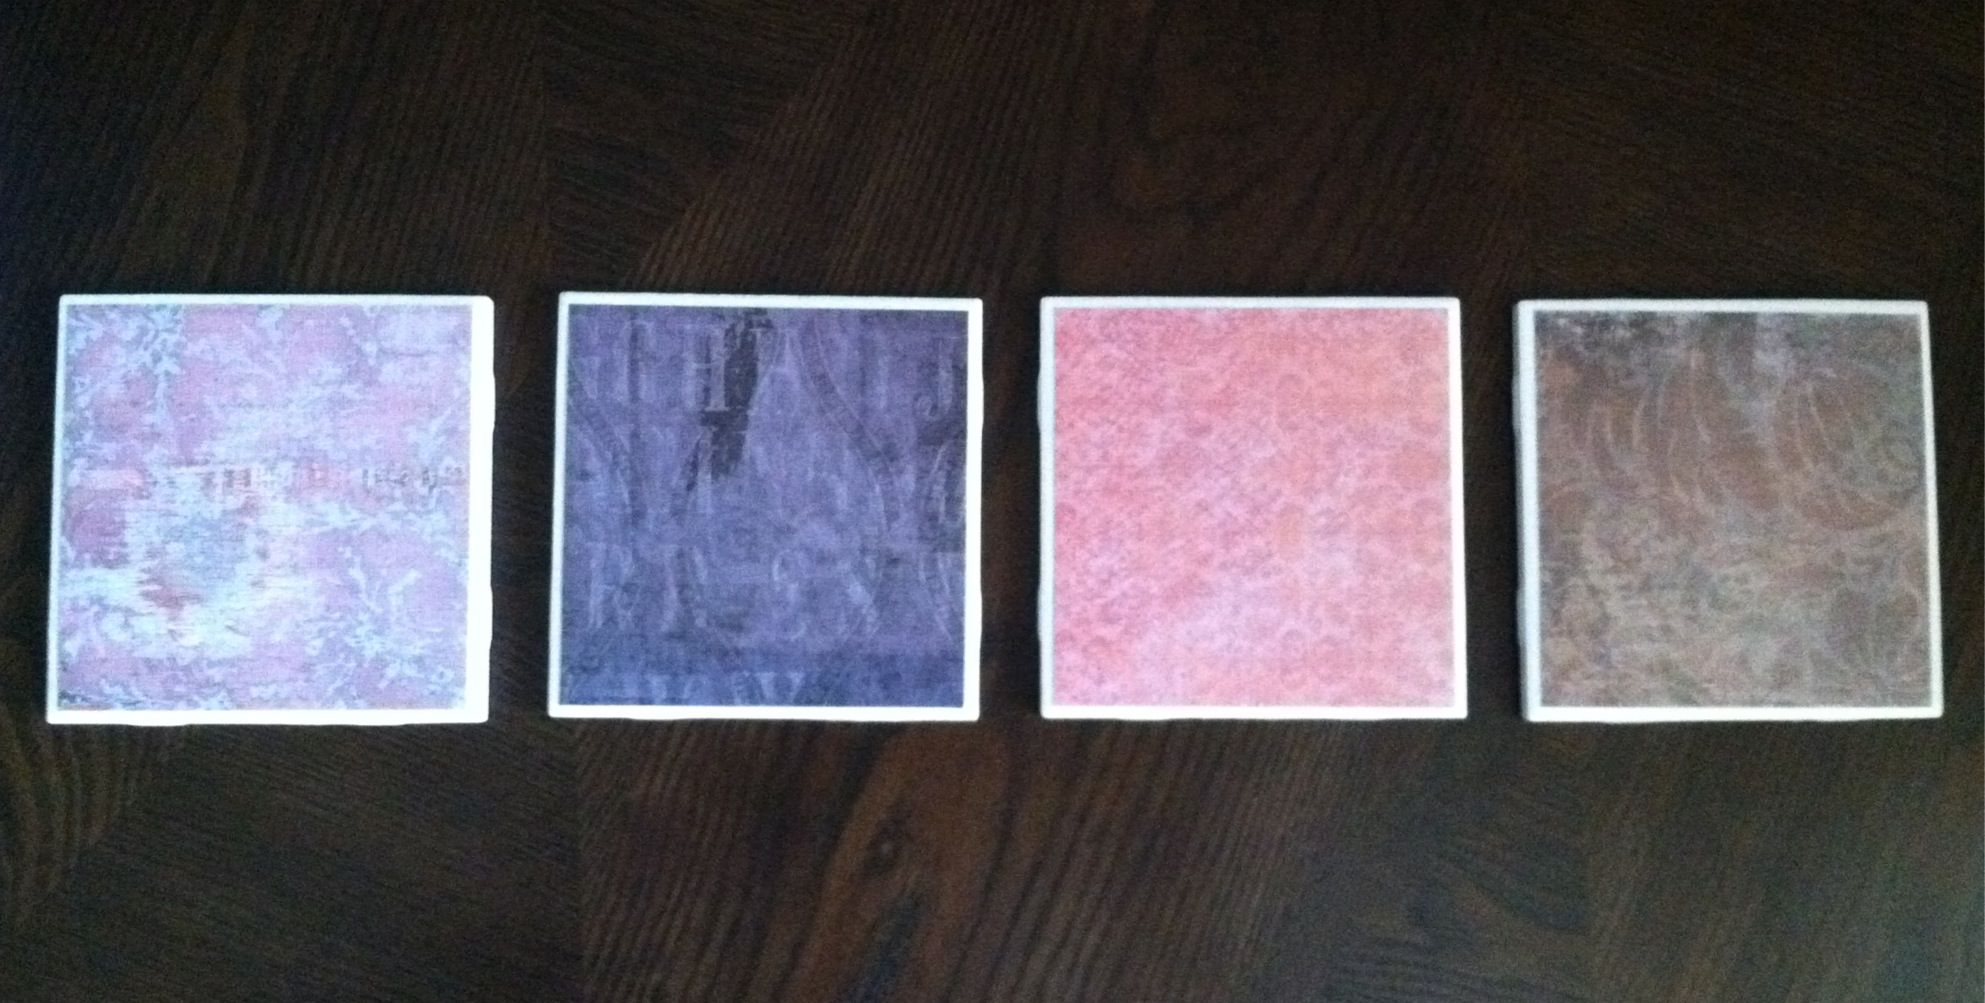 DIY coasters I made- tutorial found at: http://blueprintcrafts.com/2010/04/tile-coaster-tutorial/